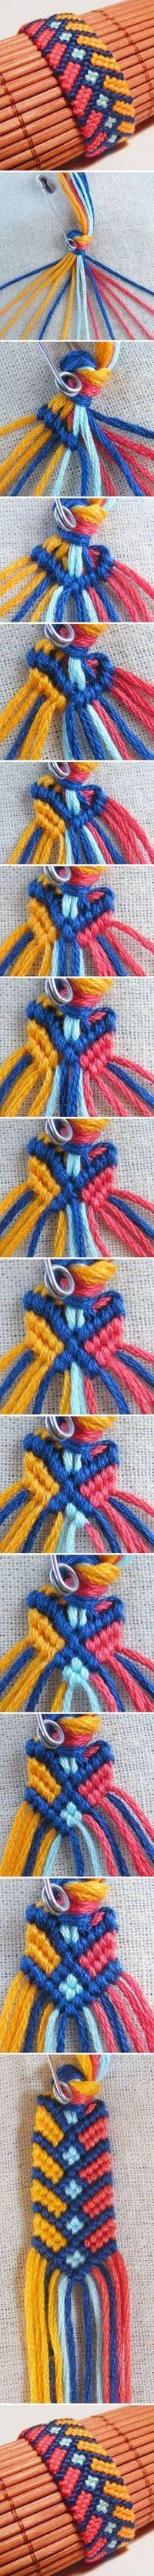 DIY Stylish Square Knot Macrame Bracelet